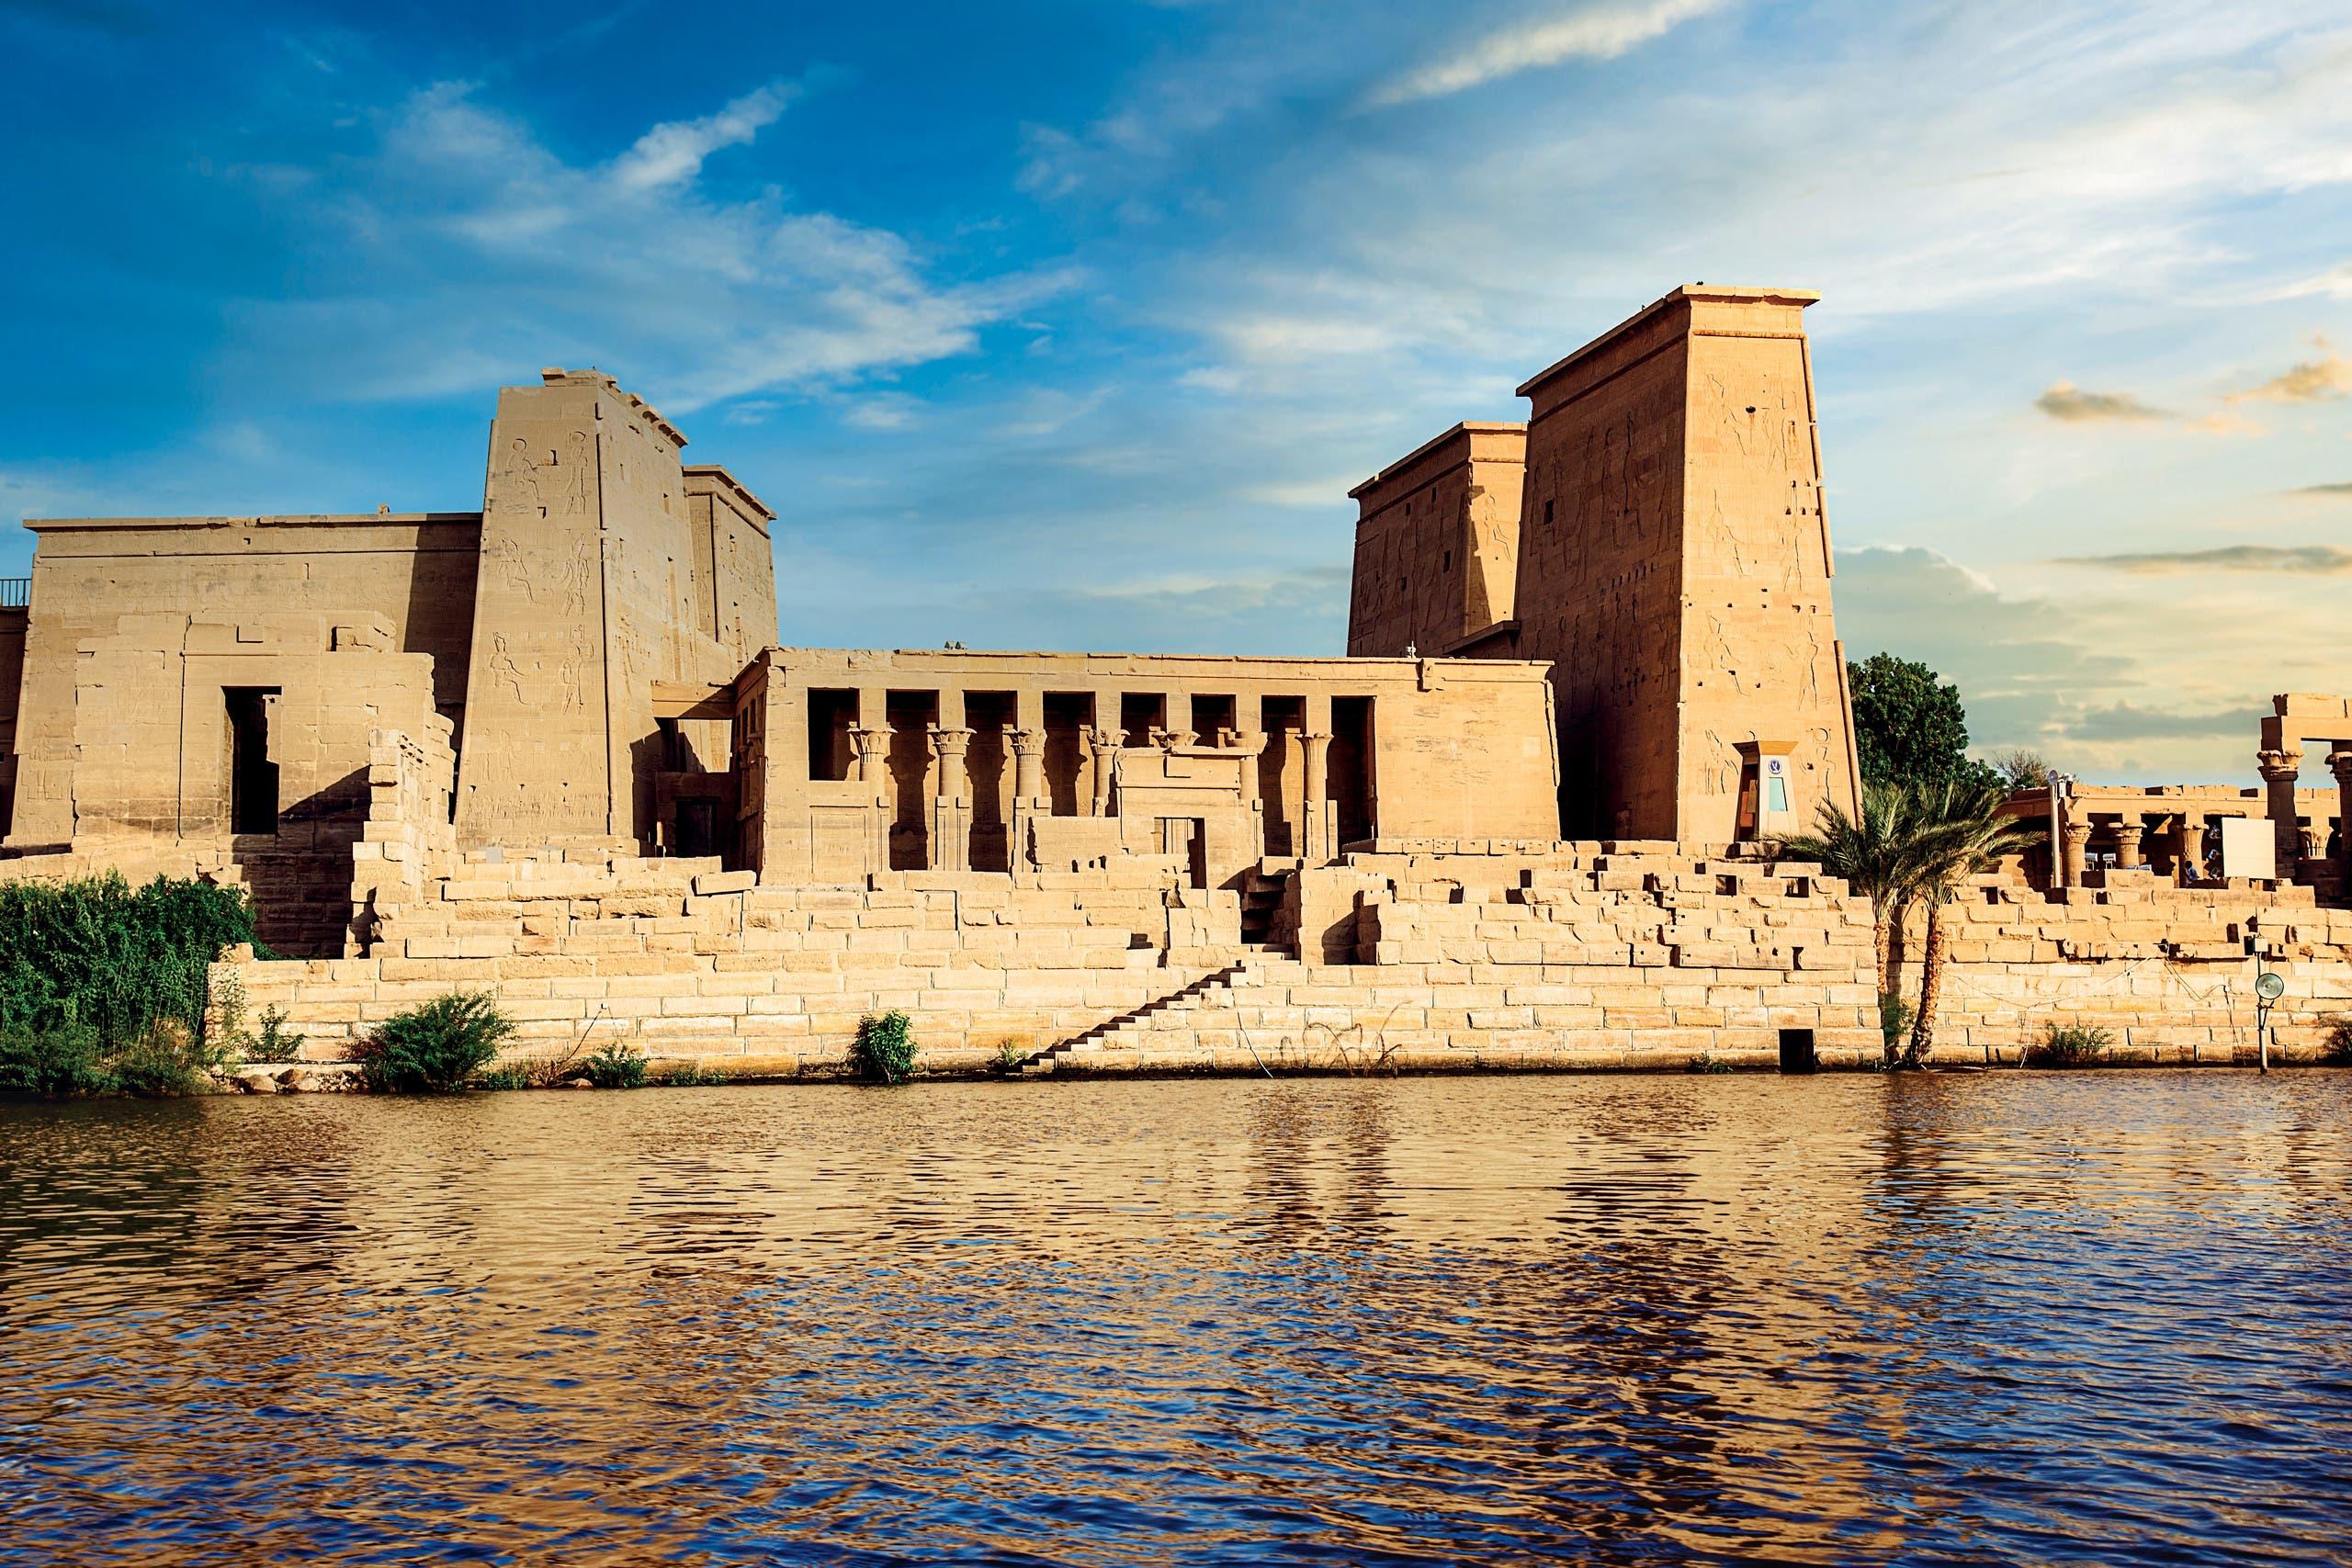 شهد حكم الخديوي إسماعيل طوفاناً من الزوار، مما دفع شركة توماس كوك الشهيرة إلى تنظيم رحلات للمواقع الفرعونية، مثل جزيرة فيلة في أسوان، ابتداءً من عام 1868م